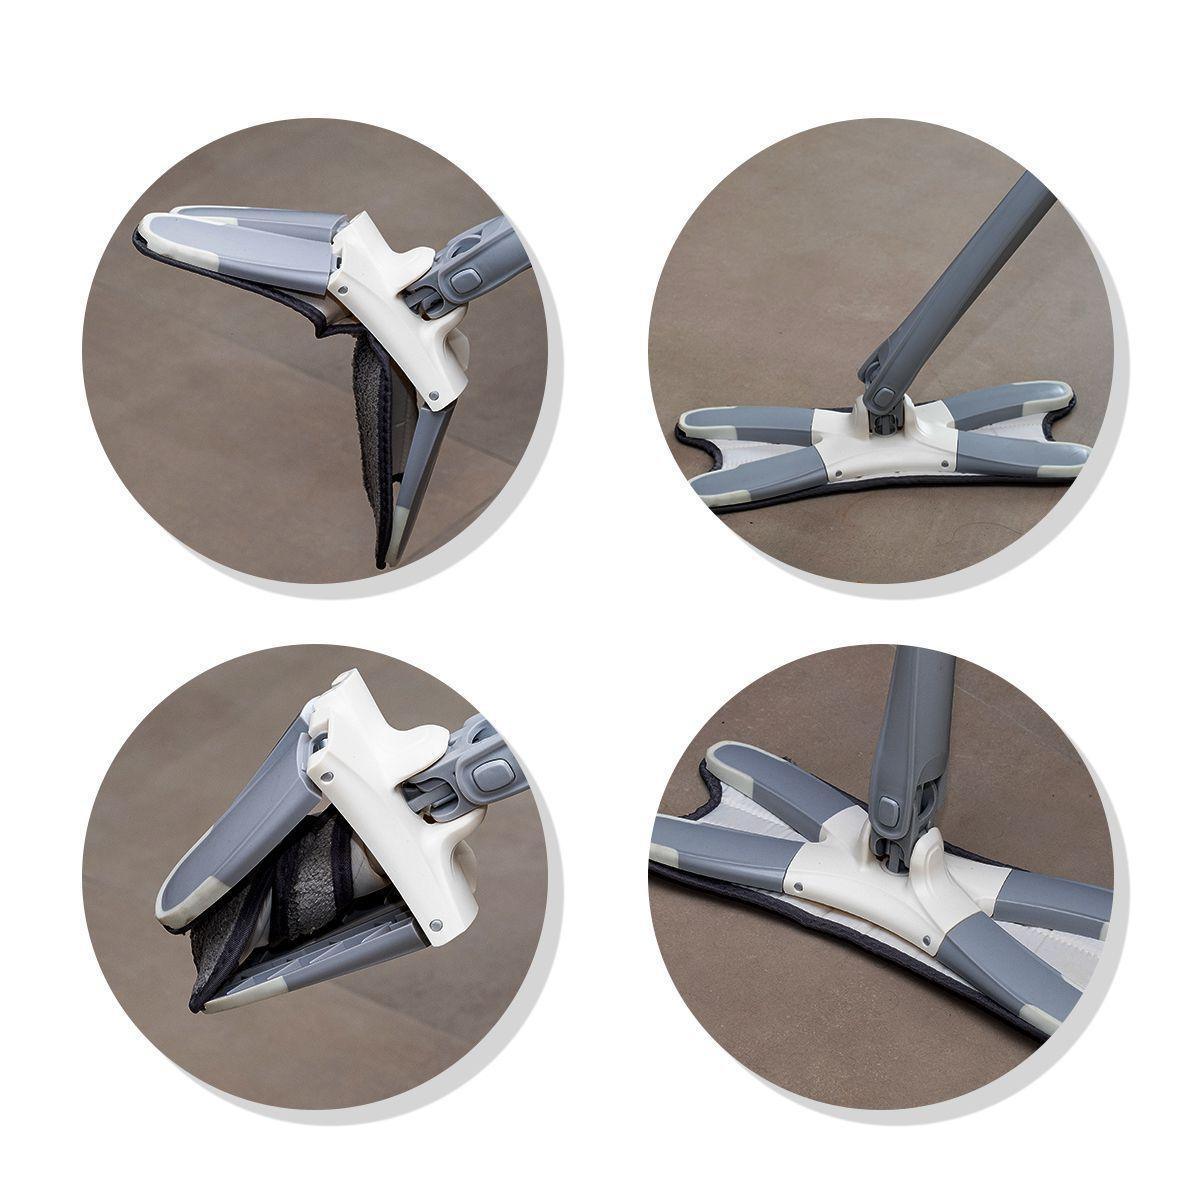 Kit Vassoura Mágica 3x1 e Xmop com torção